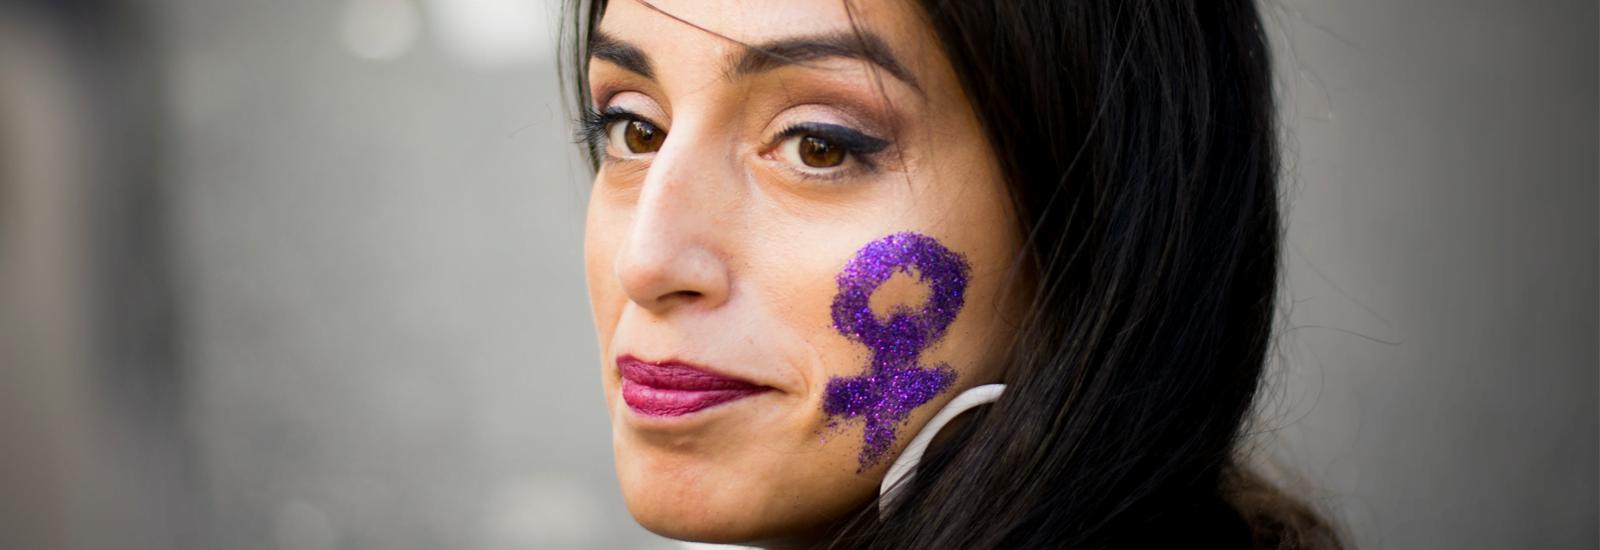 Día Internacional de la Mujer 8M